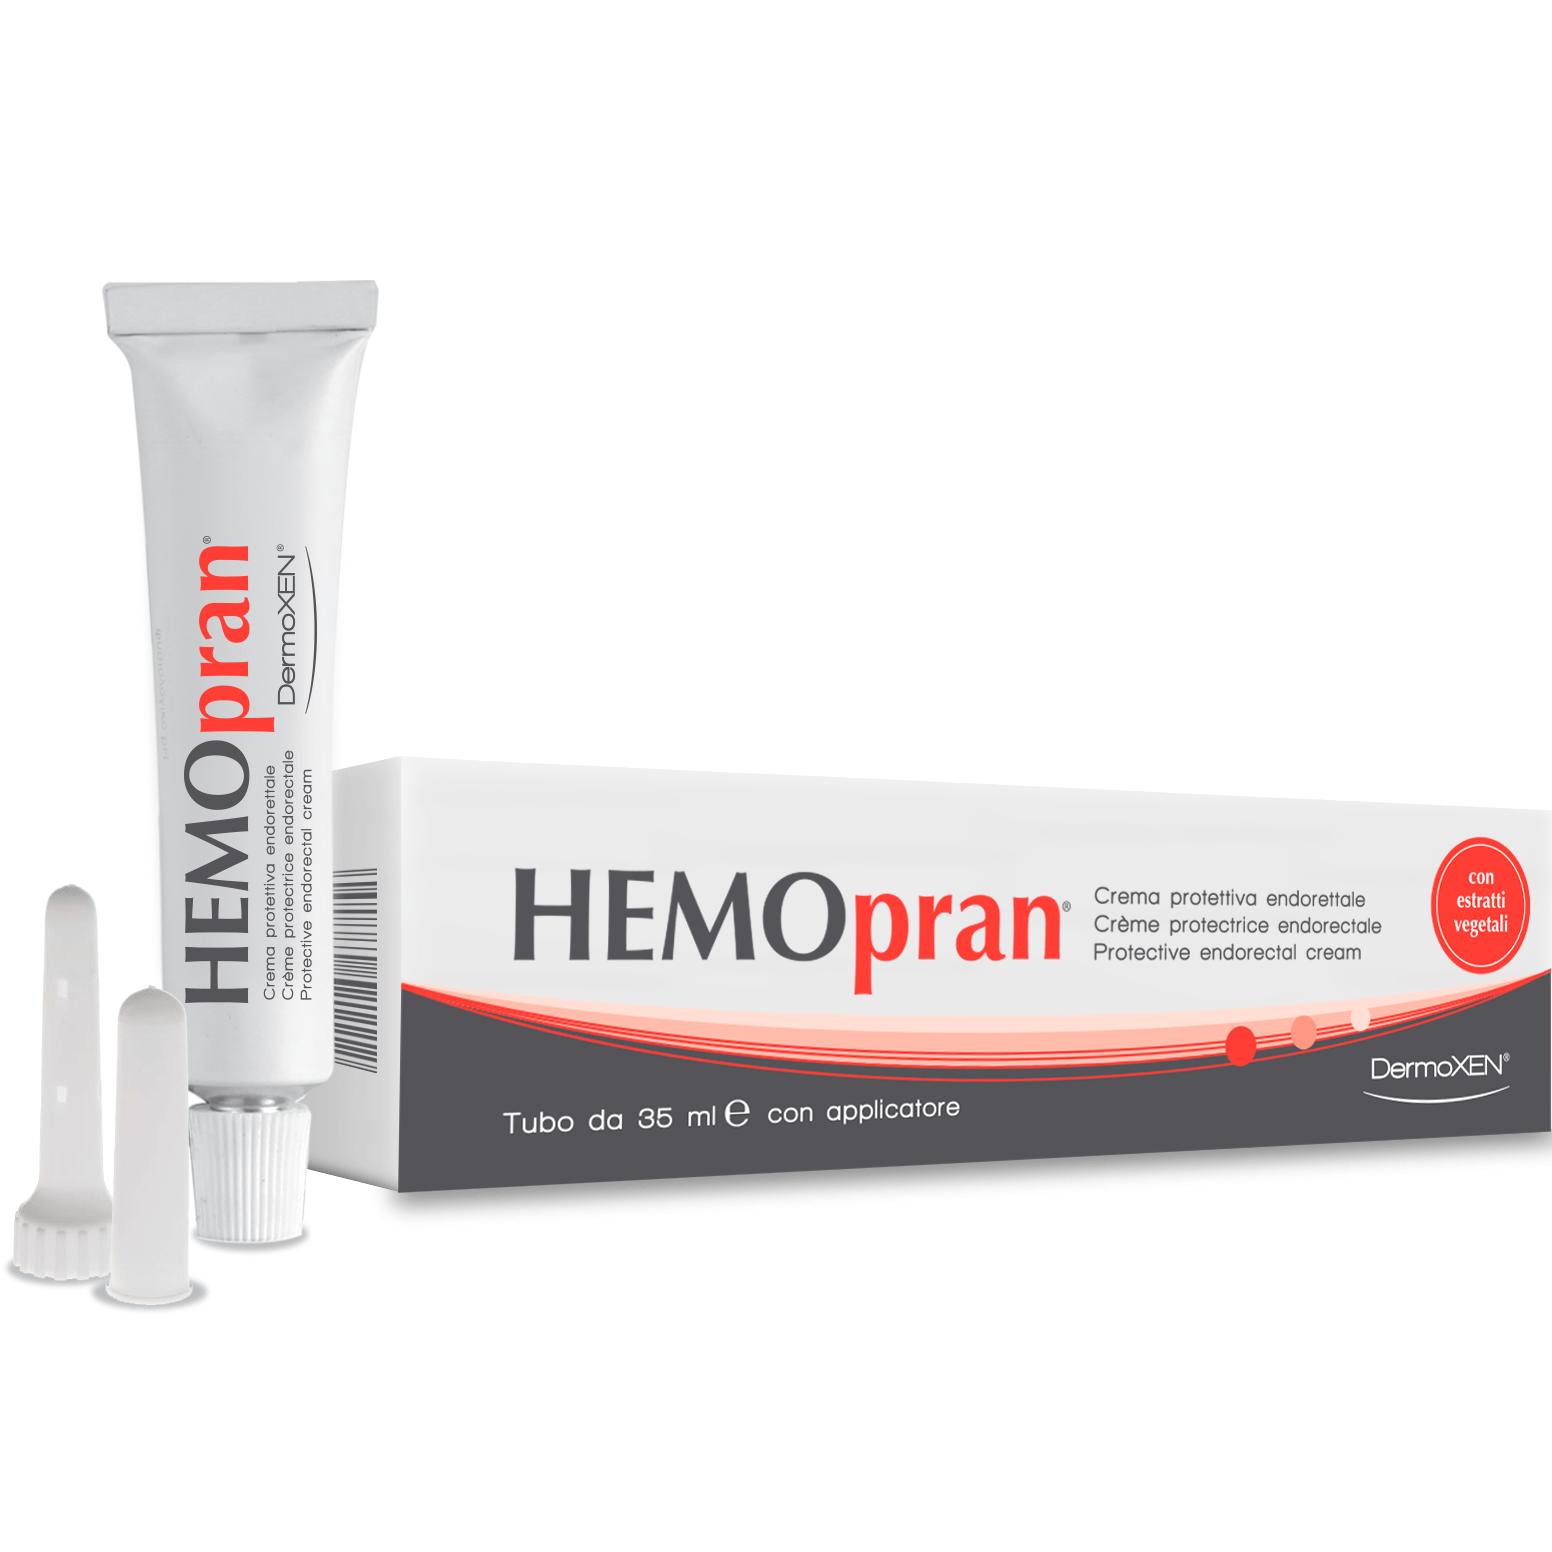 Dermoxen Hemopran Προστατευτική Κρέμα για την Ανακούφιση των Συμπτωμάτων των Αιμορροΐδων 35ml